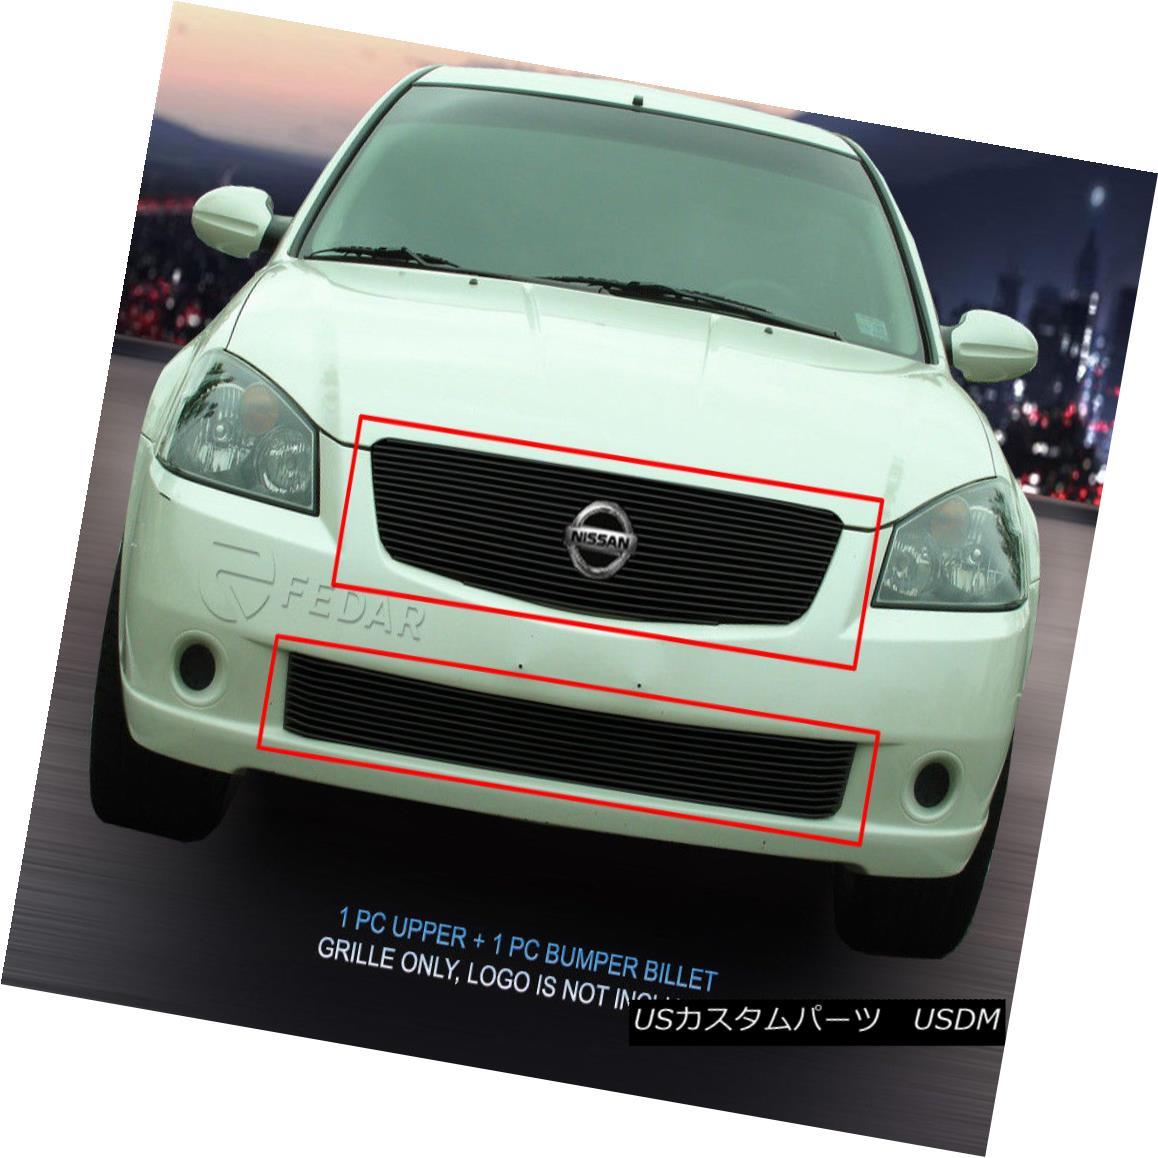 グリル Fits 05 06 Nissan Altima Black Billet Grille Grill Combo Insert Fedar フィット05 06日産アルティマブラックビレットグリルグリルコンボインサートフェルダー